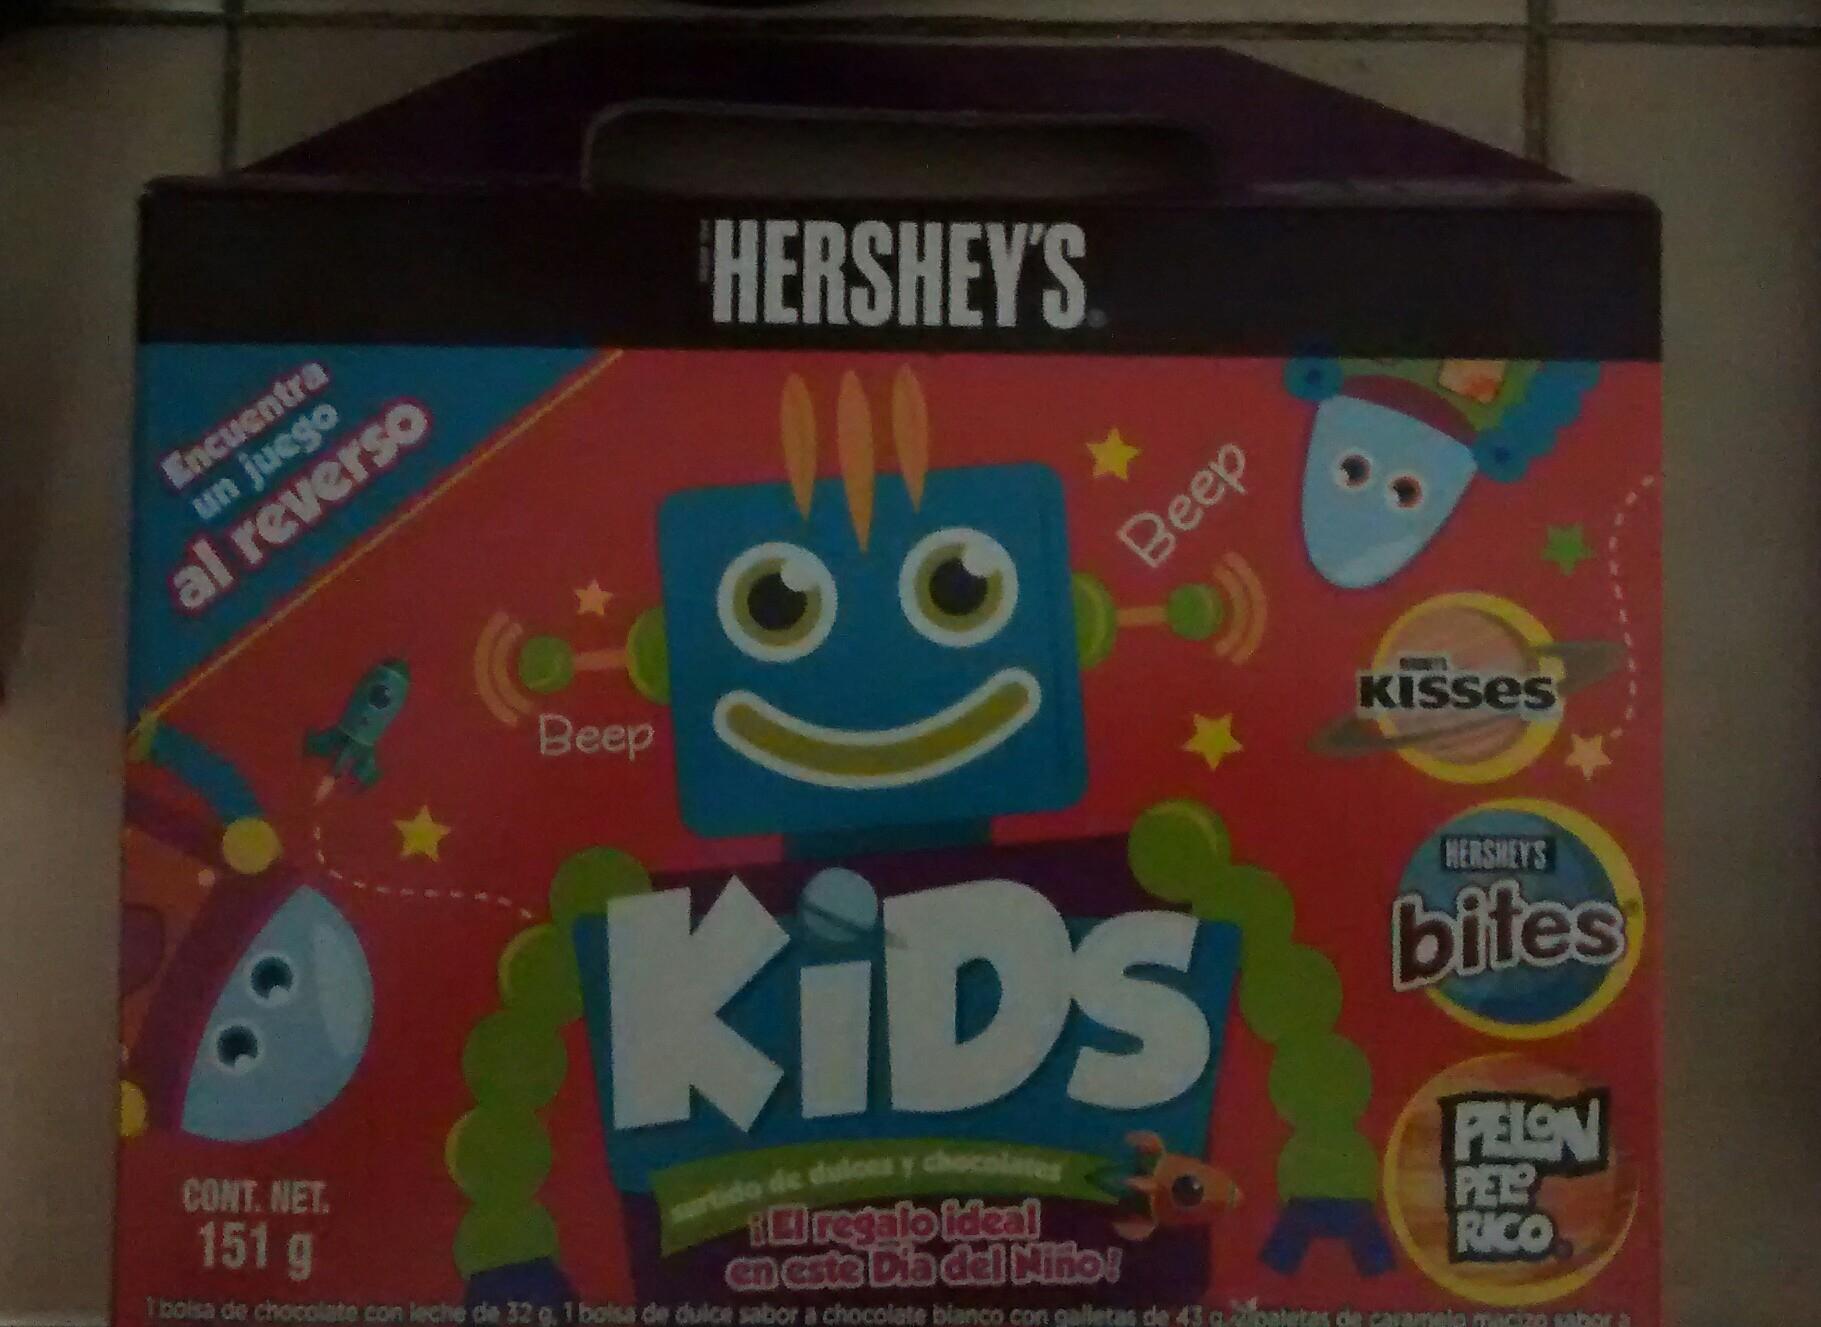 Walmart: Caja con Surtido de dulces y chocolates de la marca HERSEY'S a $10.03